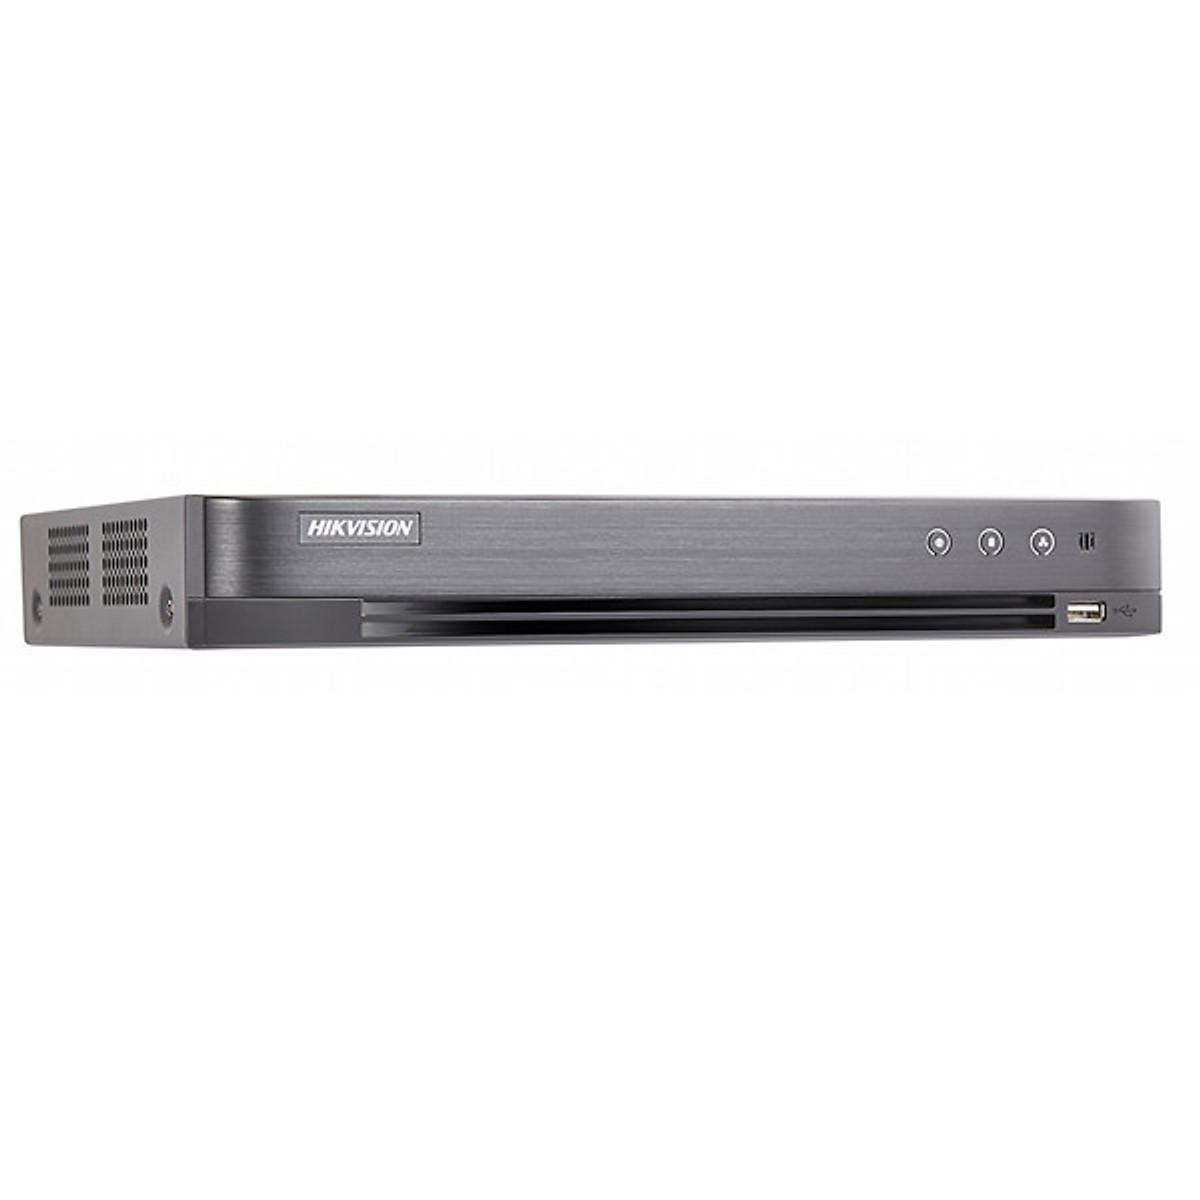 Đầu Ghi Hình HD 4MP 4 Kênh Chuẩn H.265 Pro+ HIKVISION DS-7204HQHI-K1 – Hàng chính hãng